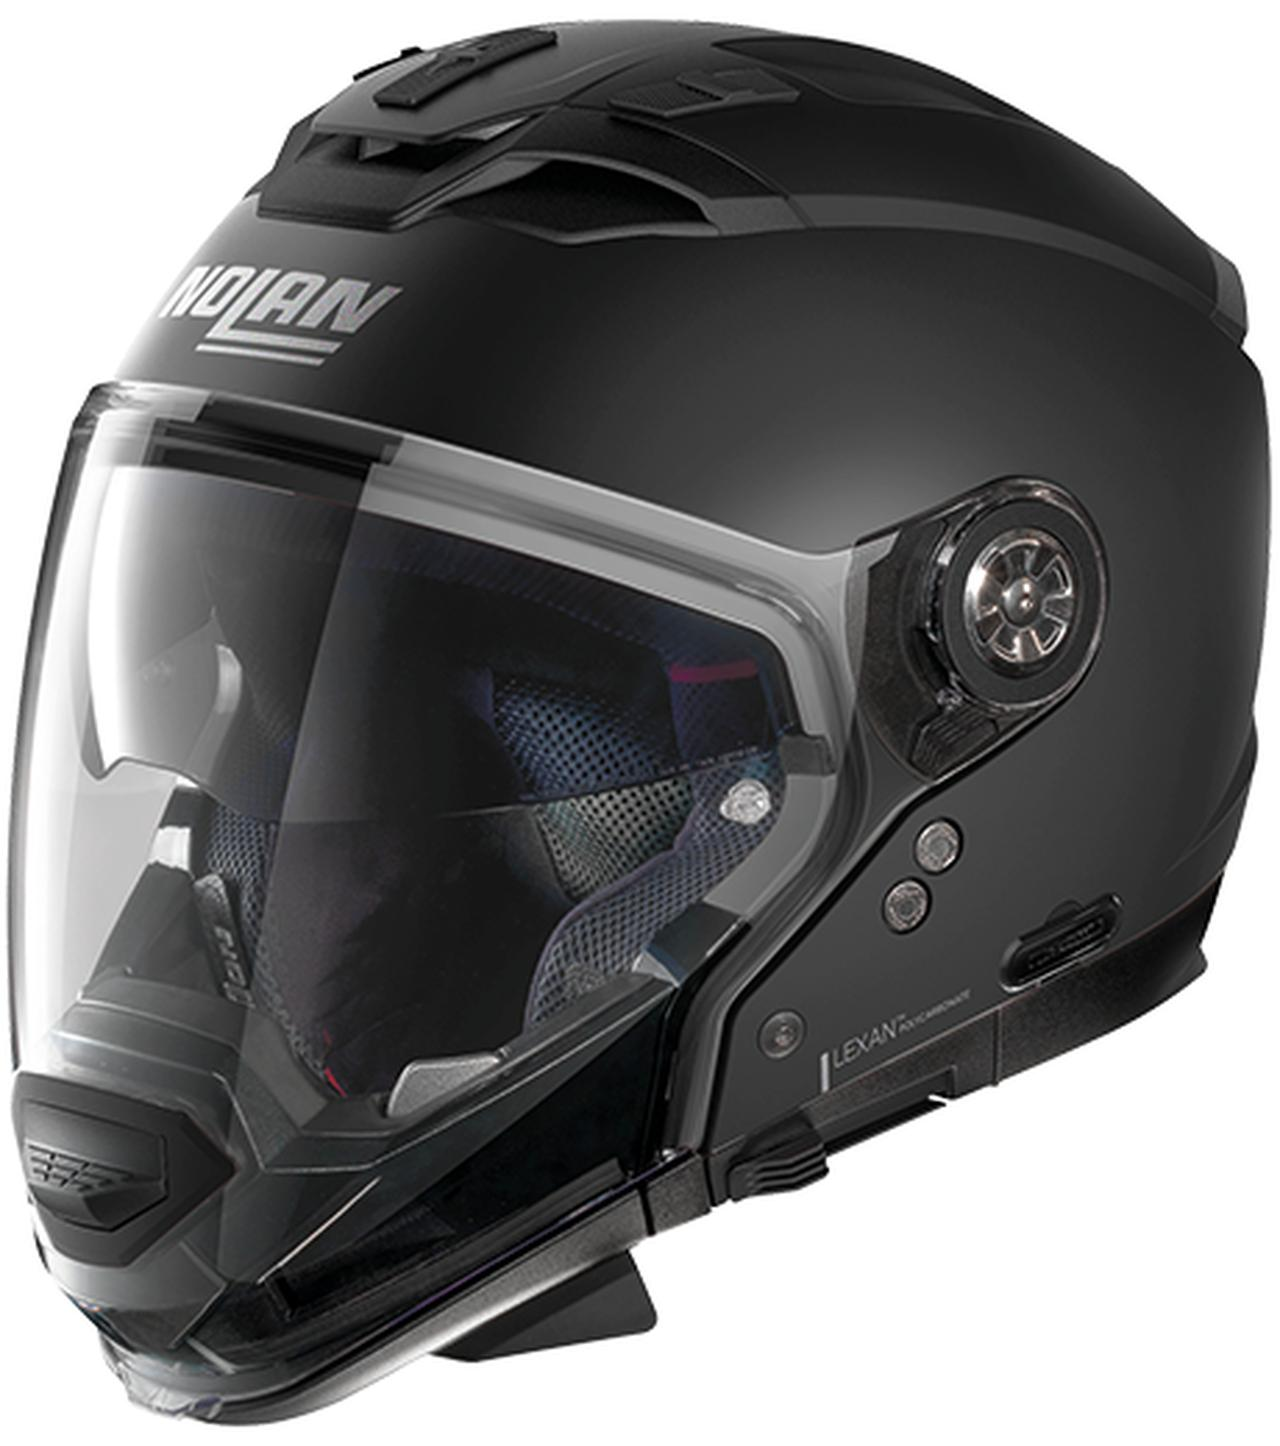 画像1: インナーサンバイザー搭載、帽体は超高強度軽量素材LEXANポリカーボネートを採用!